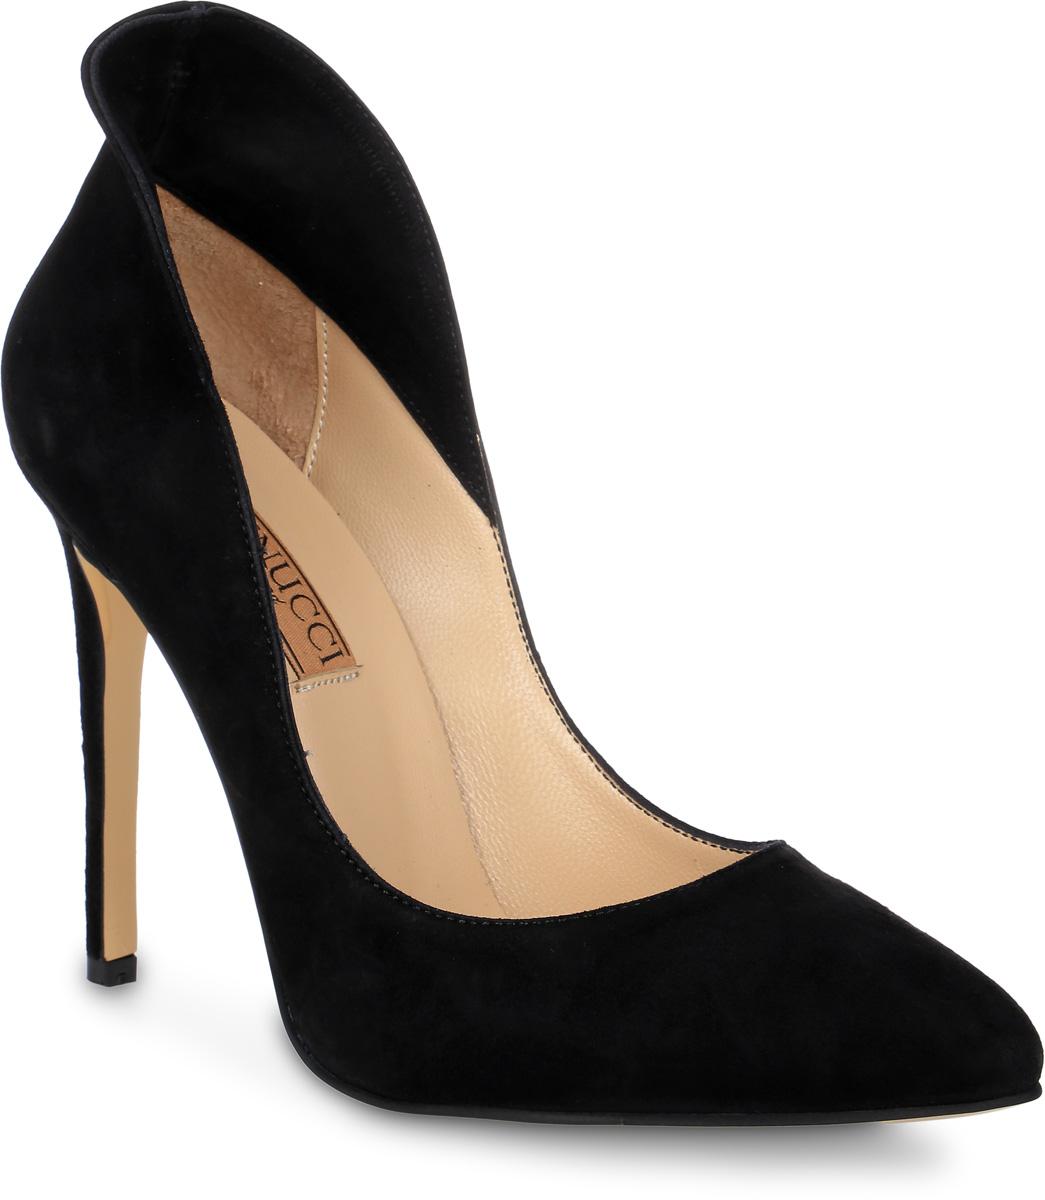 Туфли женские Benucci, цвет: черный. 5044. Размер 375044Изысканные женские туфли от Benucci поразят вас своим дизайном! Модель выполнена из натуральной замши. Подкладка и стелька - из натуральной кожипозволят ногам дышать и обеспечат максимальный комфорт при ходьбе. Зауженный носок добавит женственности в ваш образ. Высокий каблук-шпилька устойчив. Подошва с рифлением обеспечивает идеальное сцепление с любой поверхностью. Изысканные туфли добавят в ваш образ немного шарма и подчеркнут ваш безупречный вкус.